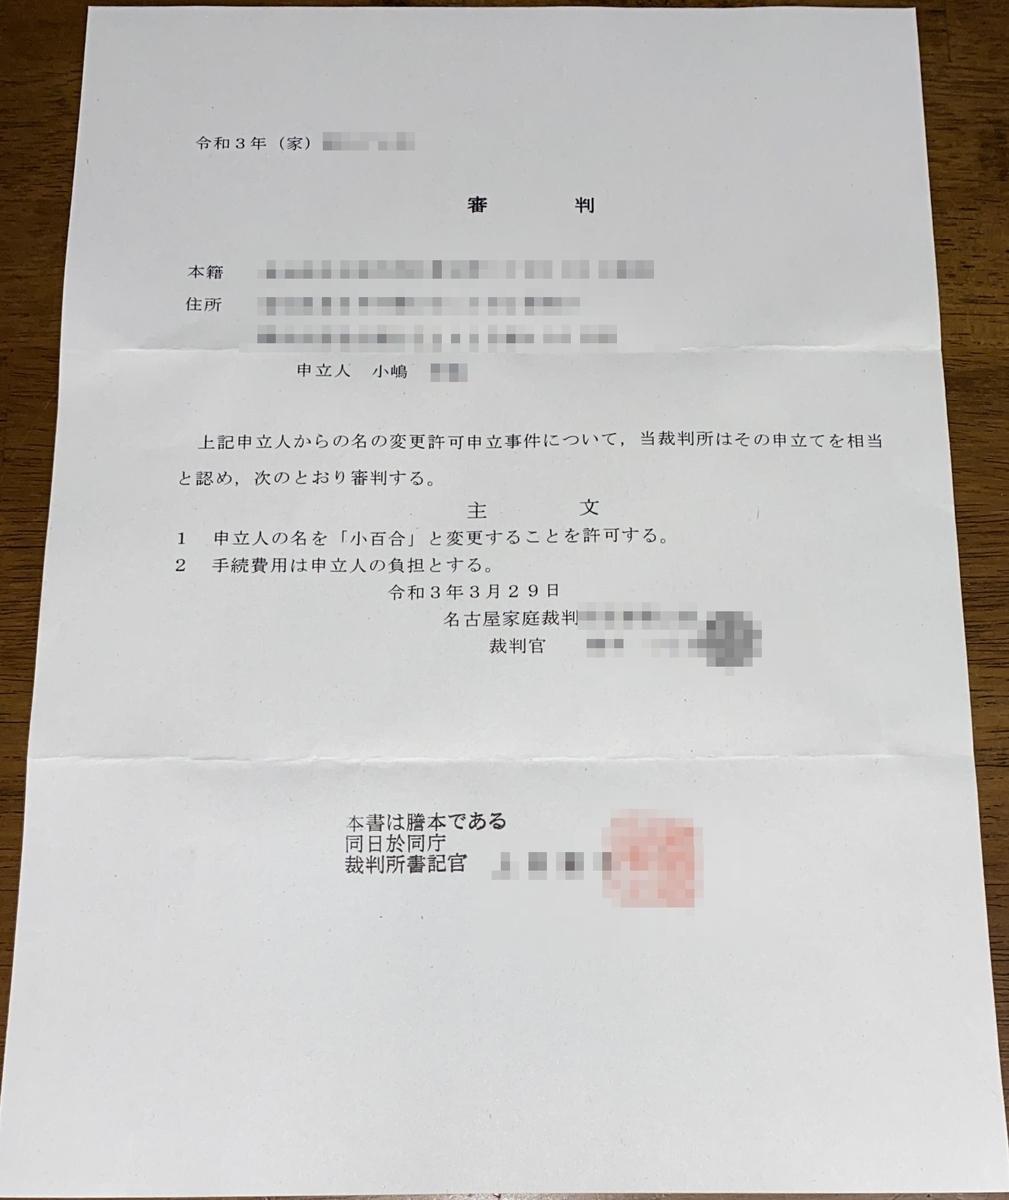 f:id:sayuri6:20210331001133j:plain